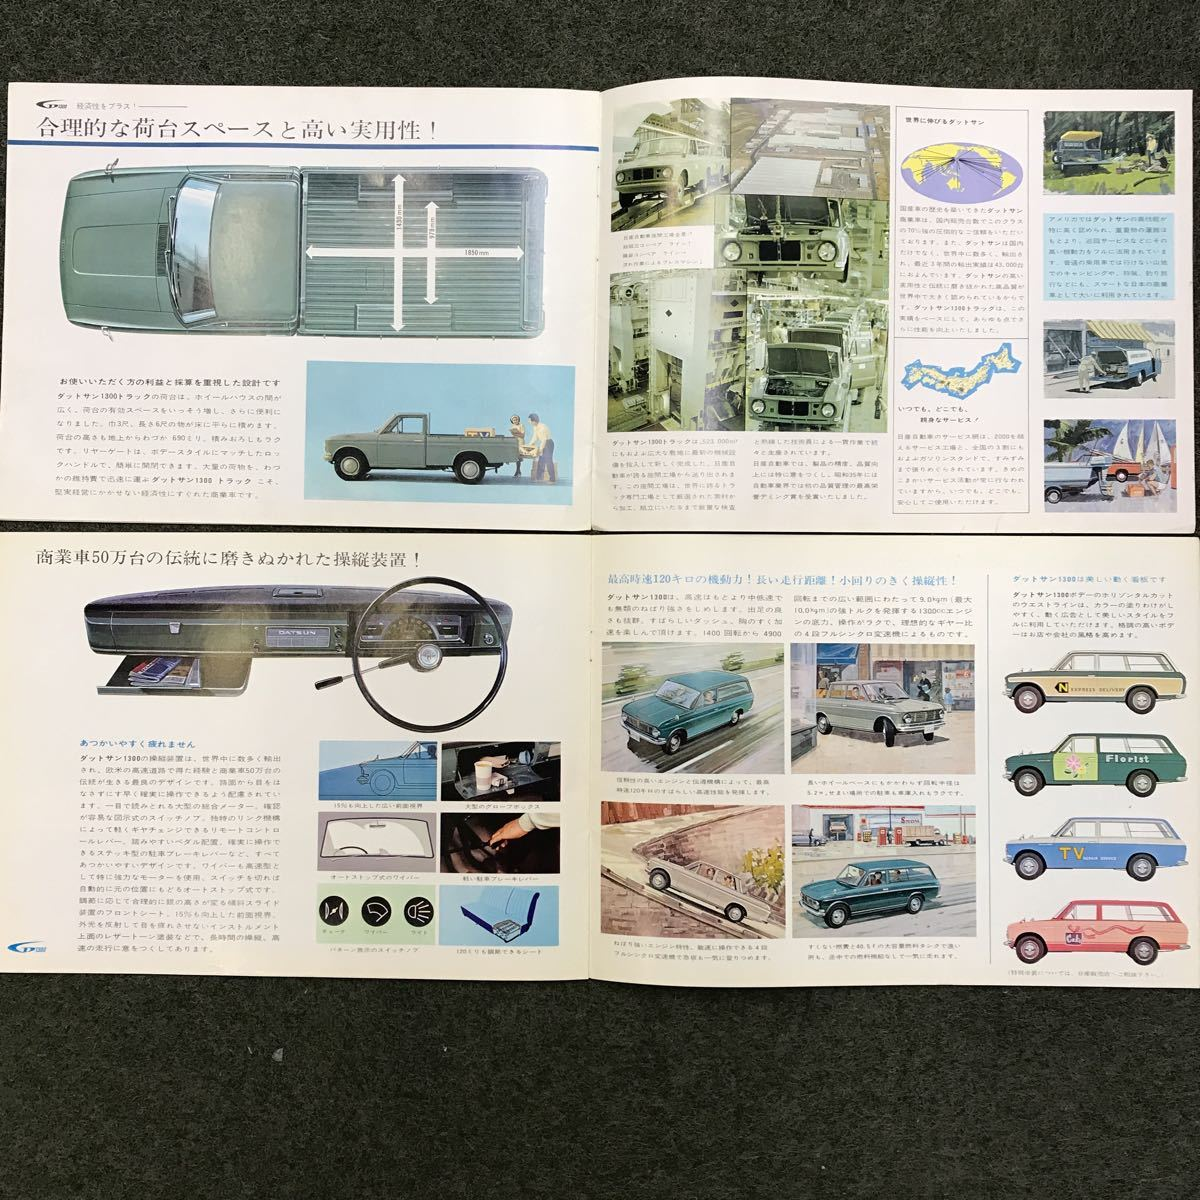 日産 DUTSUN ダットサントラック 日産プリンスノンスリップマイラー カタログセット_画像5